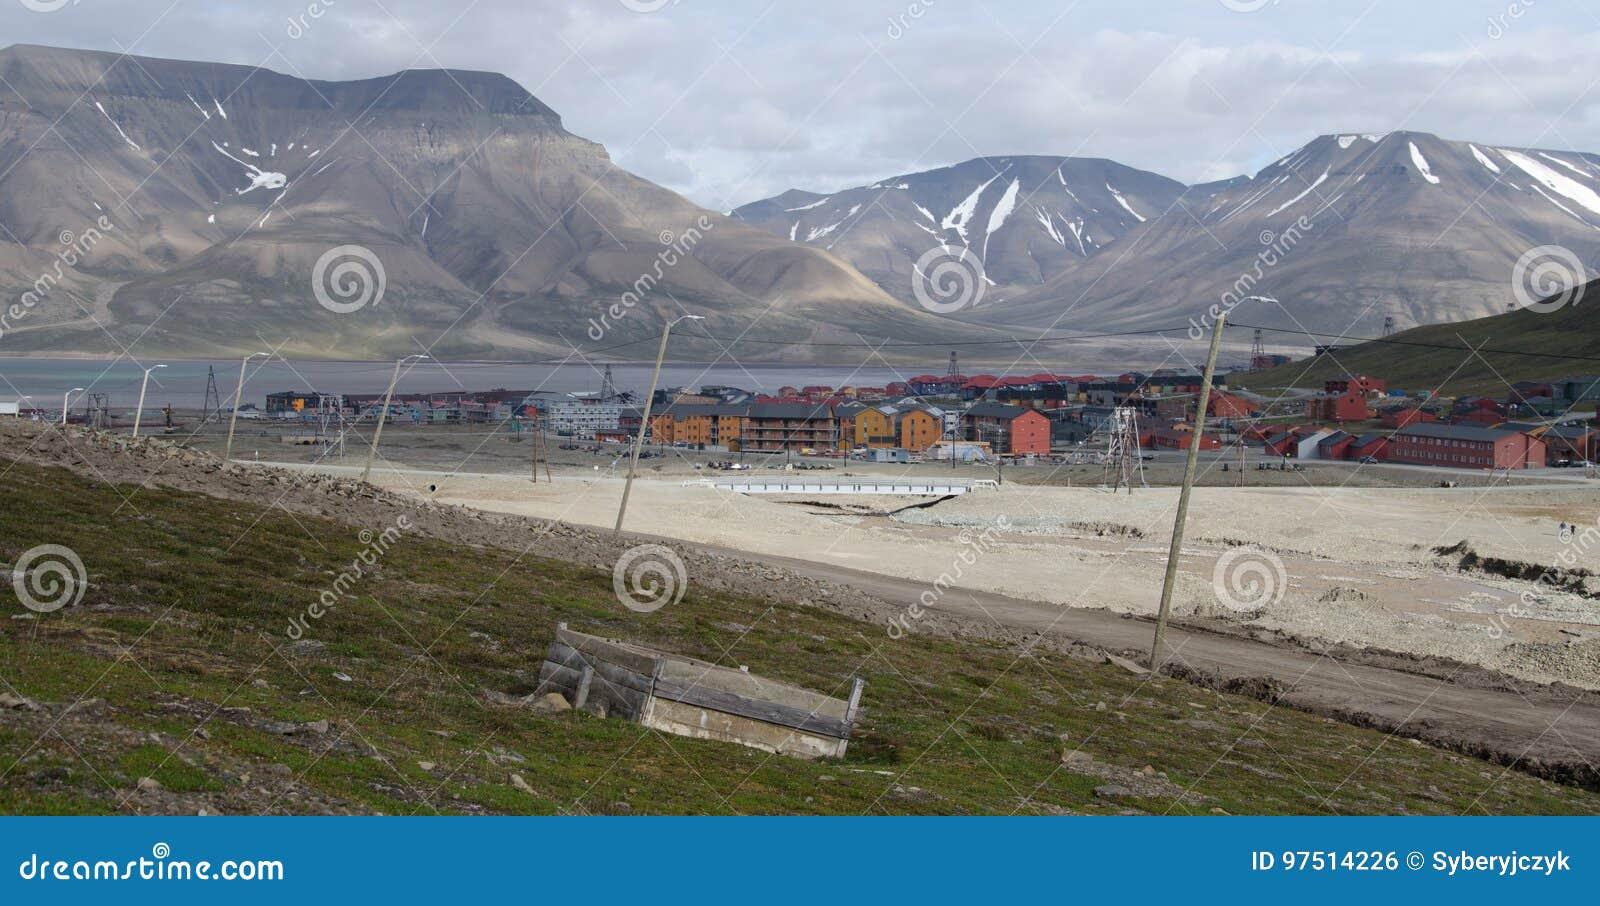 Longyearbyen Spitsbergen, Svalbard, Norway